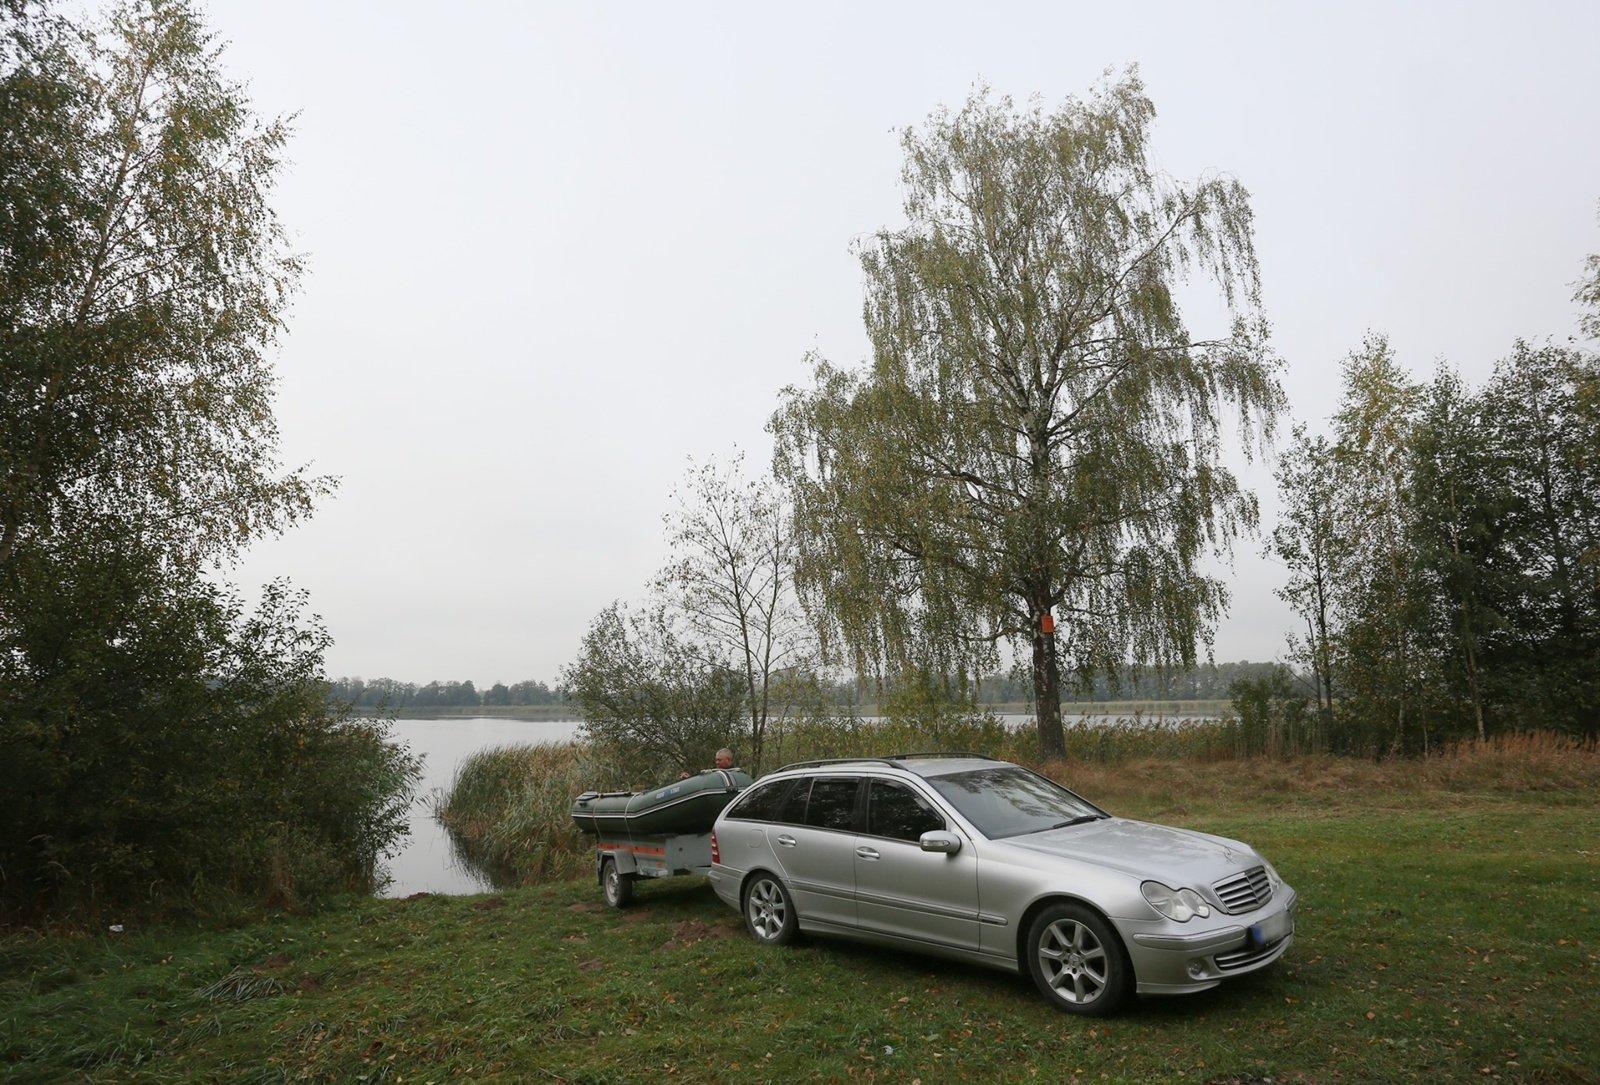 Kadrėnų tvenkinyje bus įrengta pirmoji Ukmergės rajone nemokama vieta valtims nuleisti